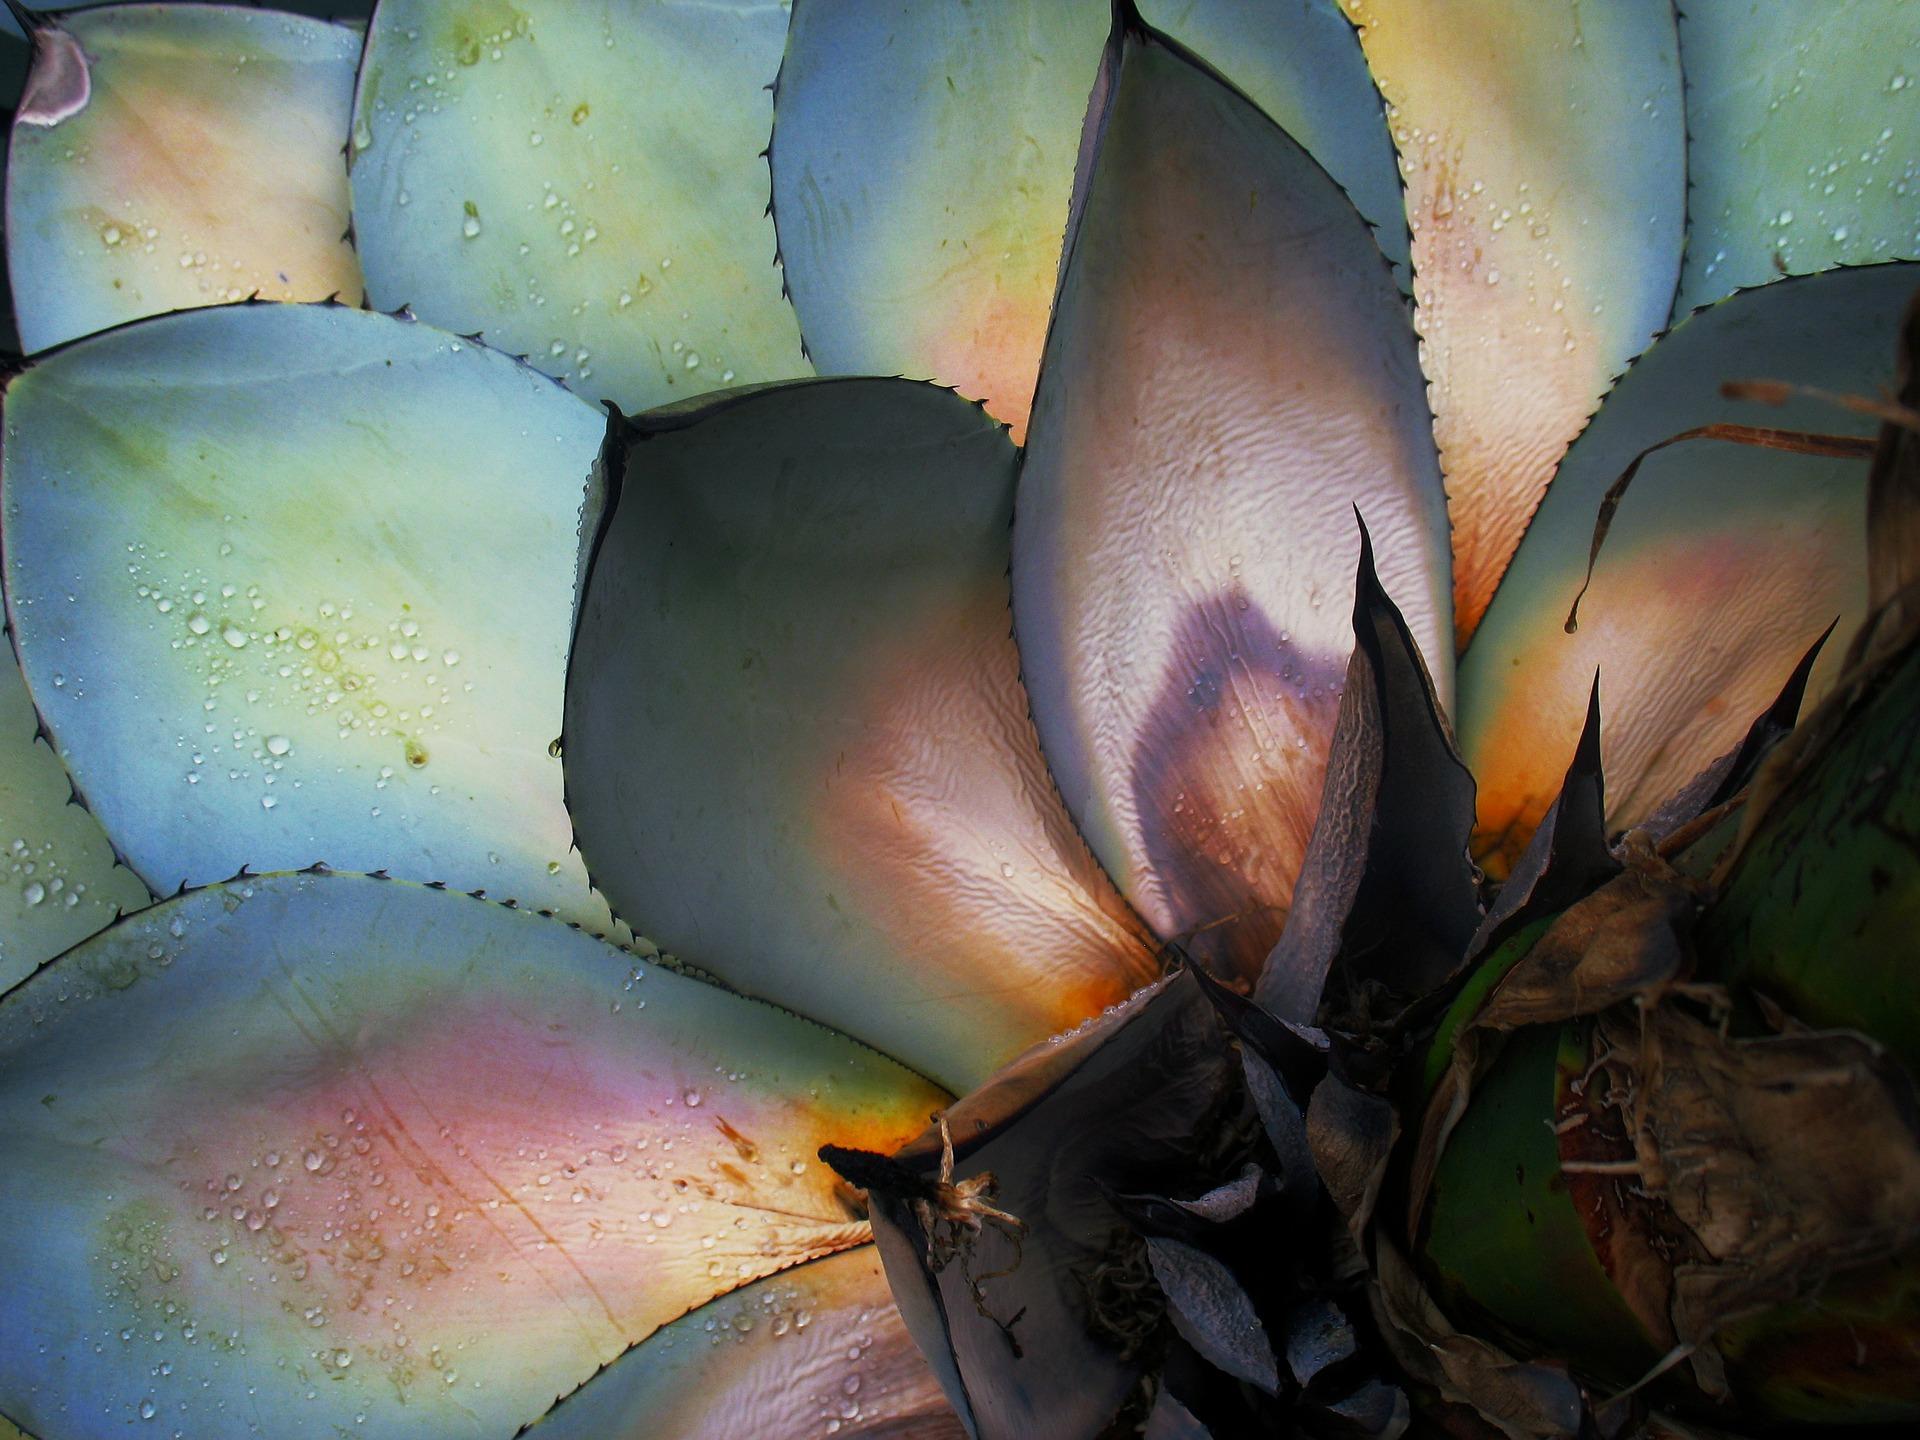 cactus-184169_1920.jpg